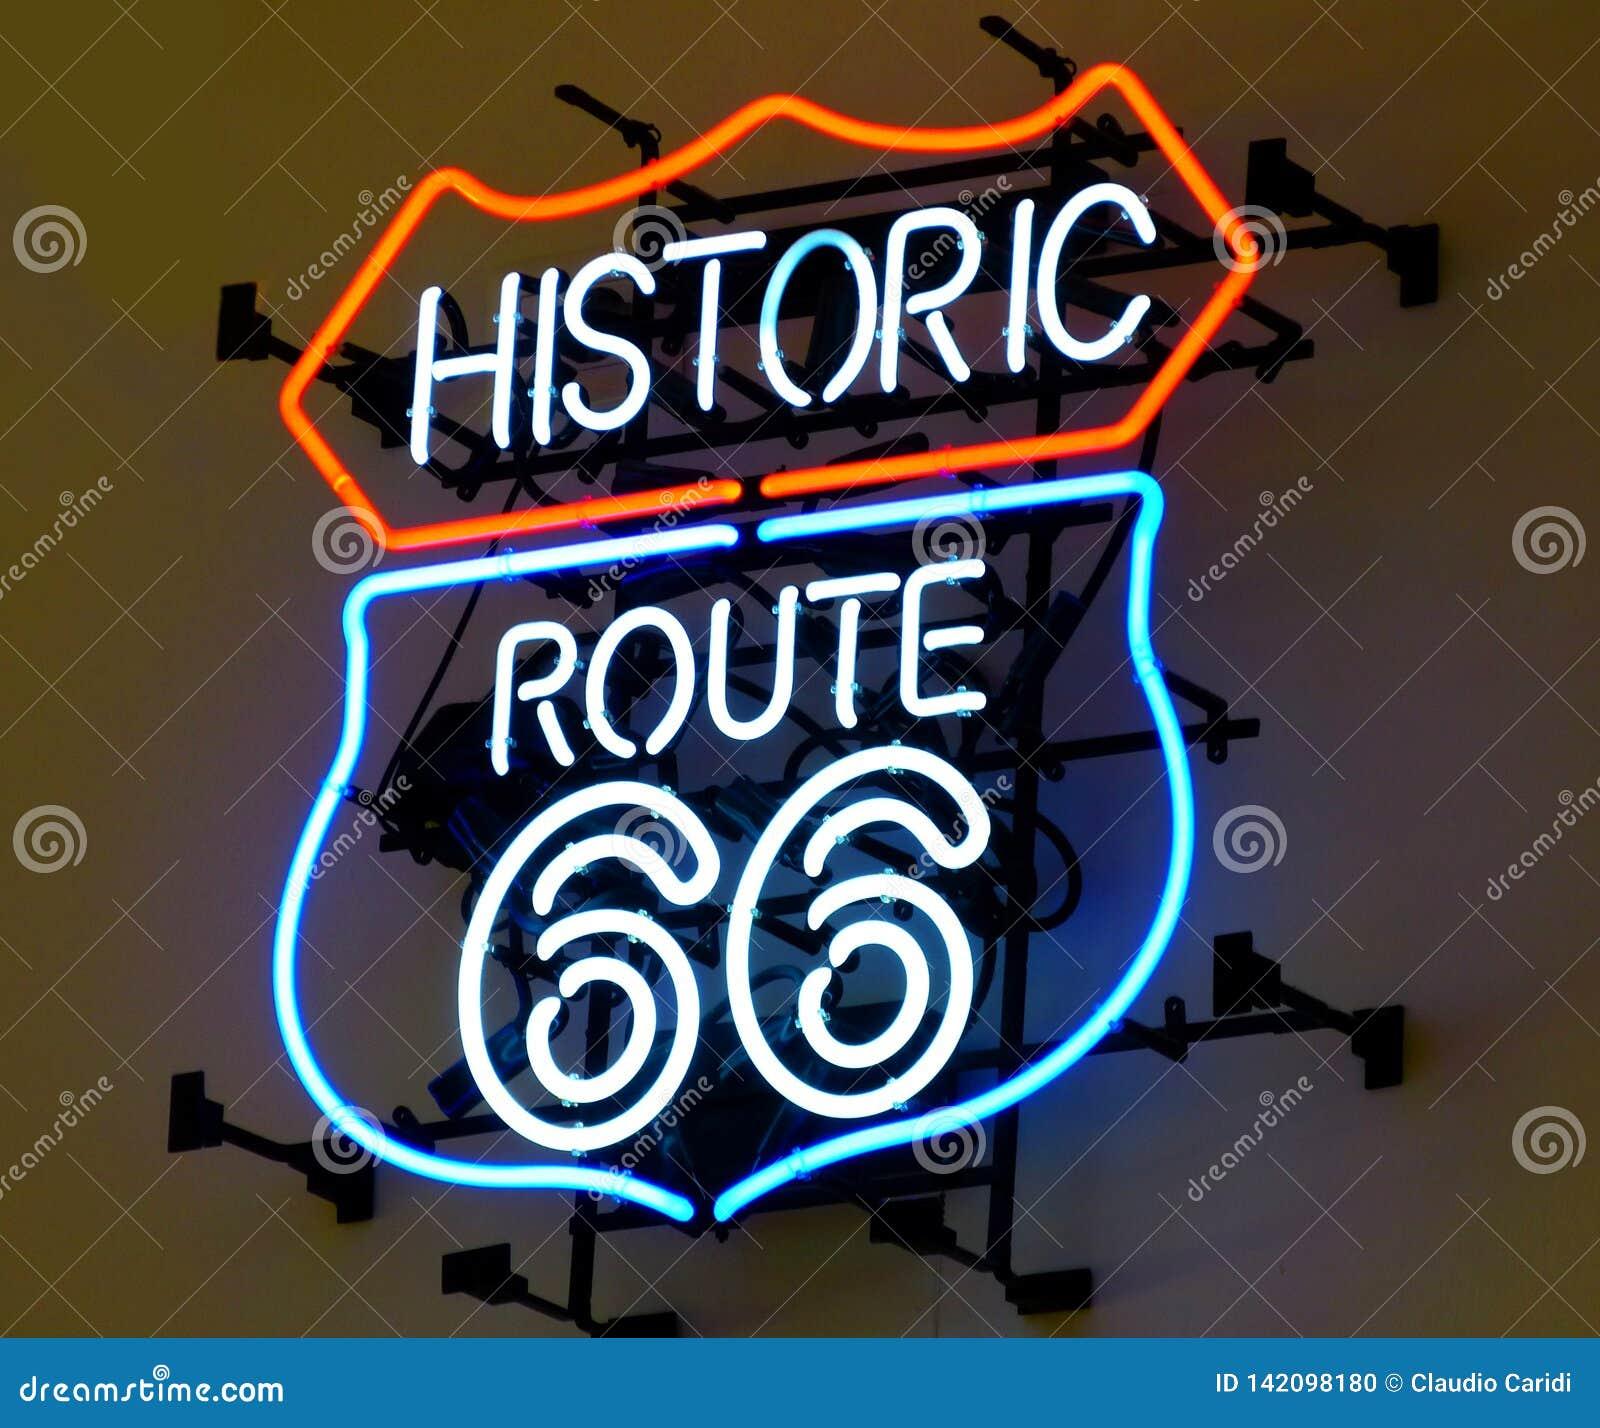 Route 66 historique, enseigne au néon dans la lumière rouge et bleue